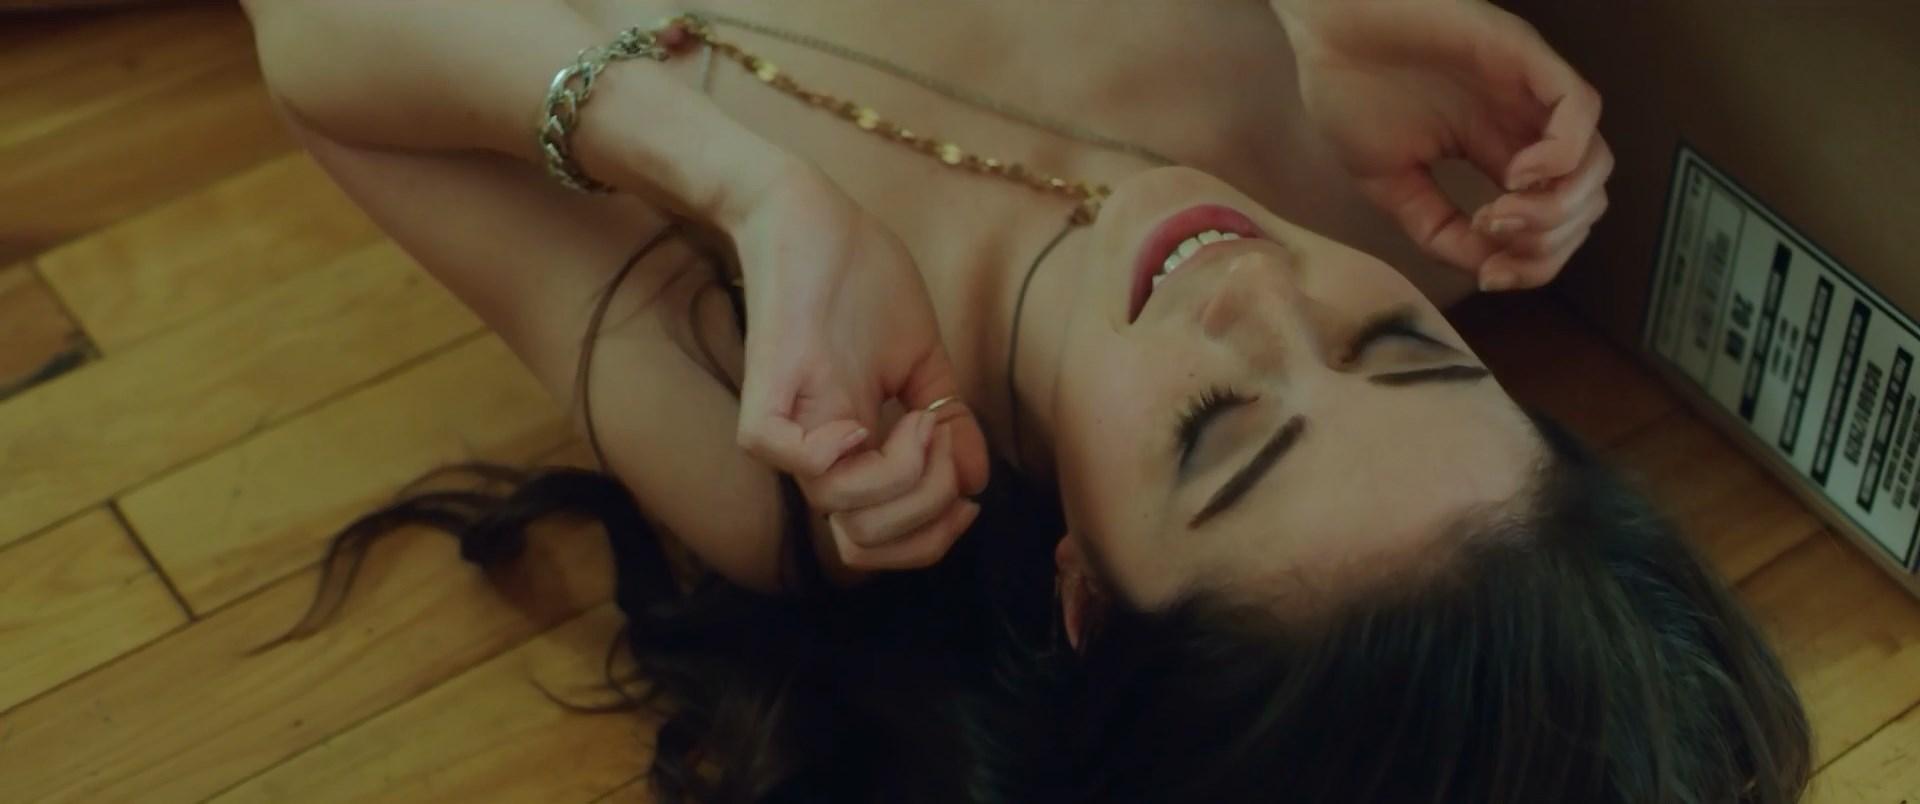 Jasmina Lukanovic nude - Pool (2015)